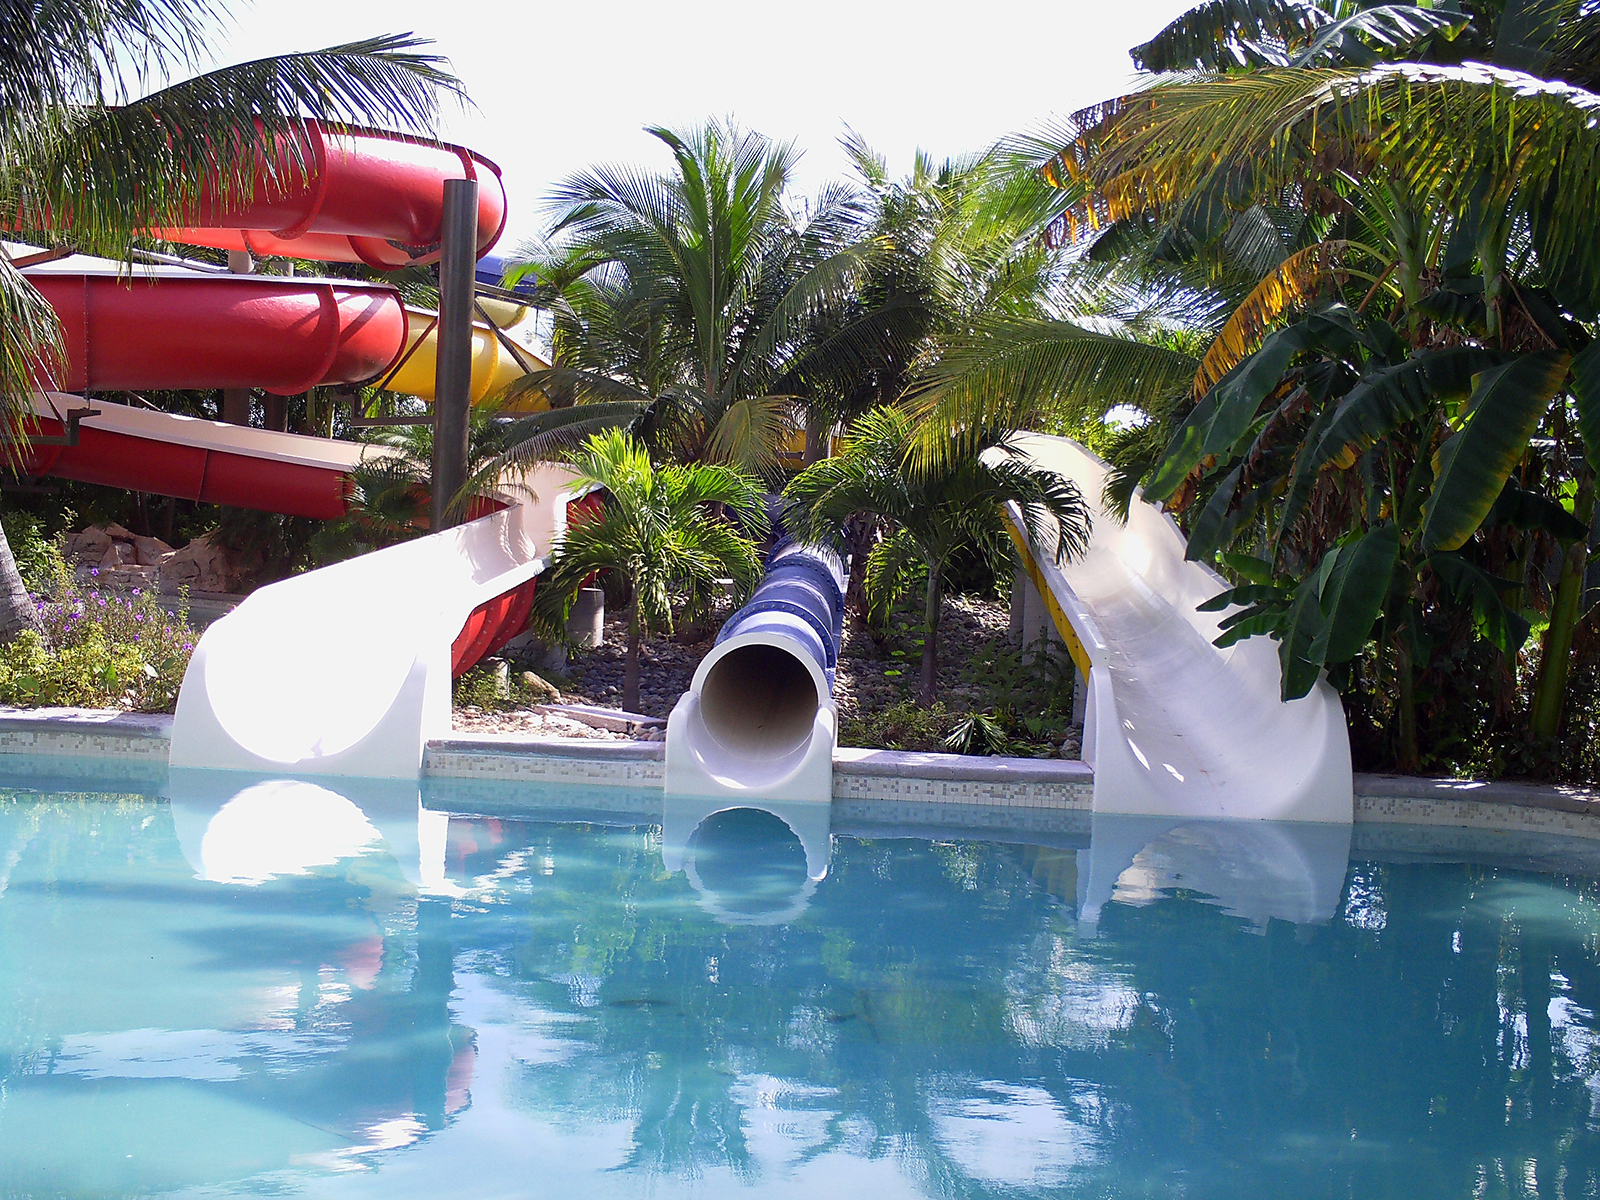 Raft Slide